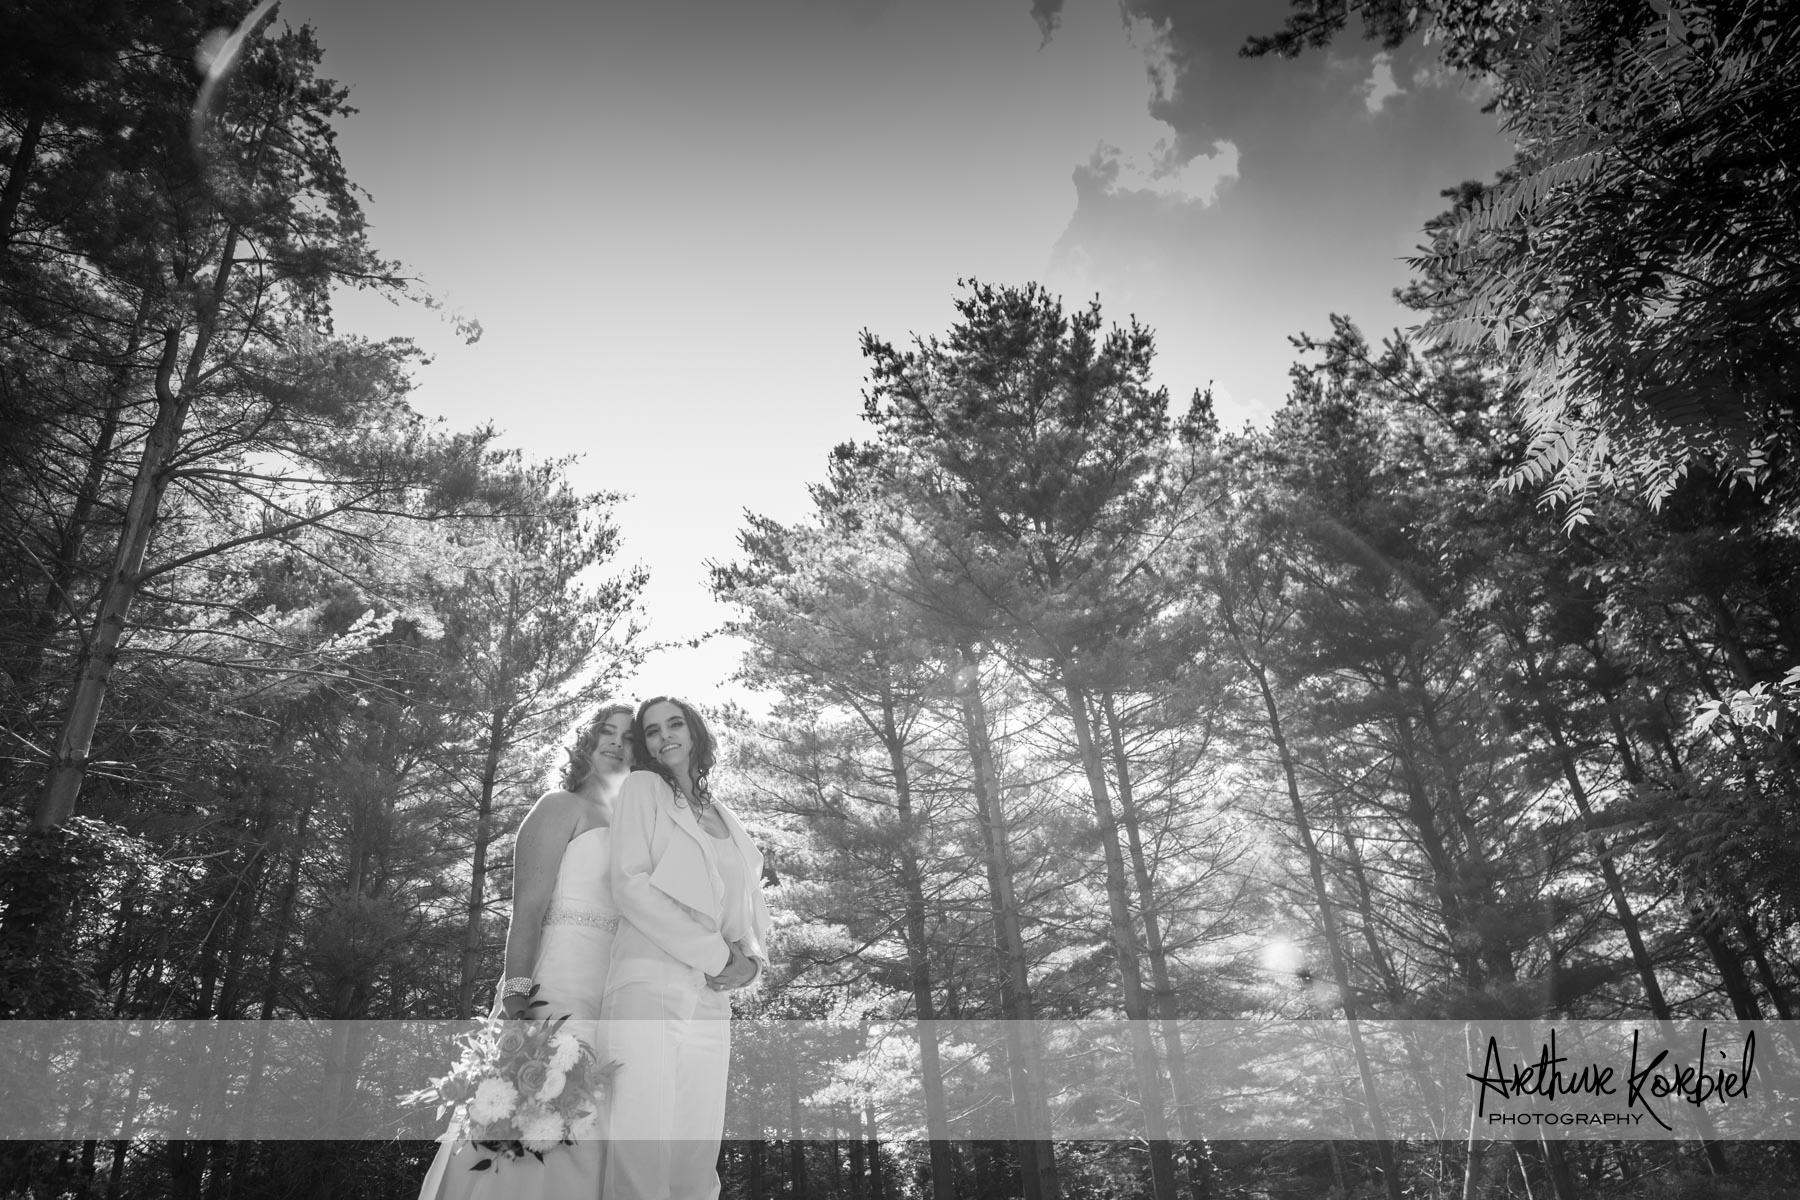 Arthur Korbiel Photography - London Wedding Photographer - SameSex-025.jpg